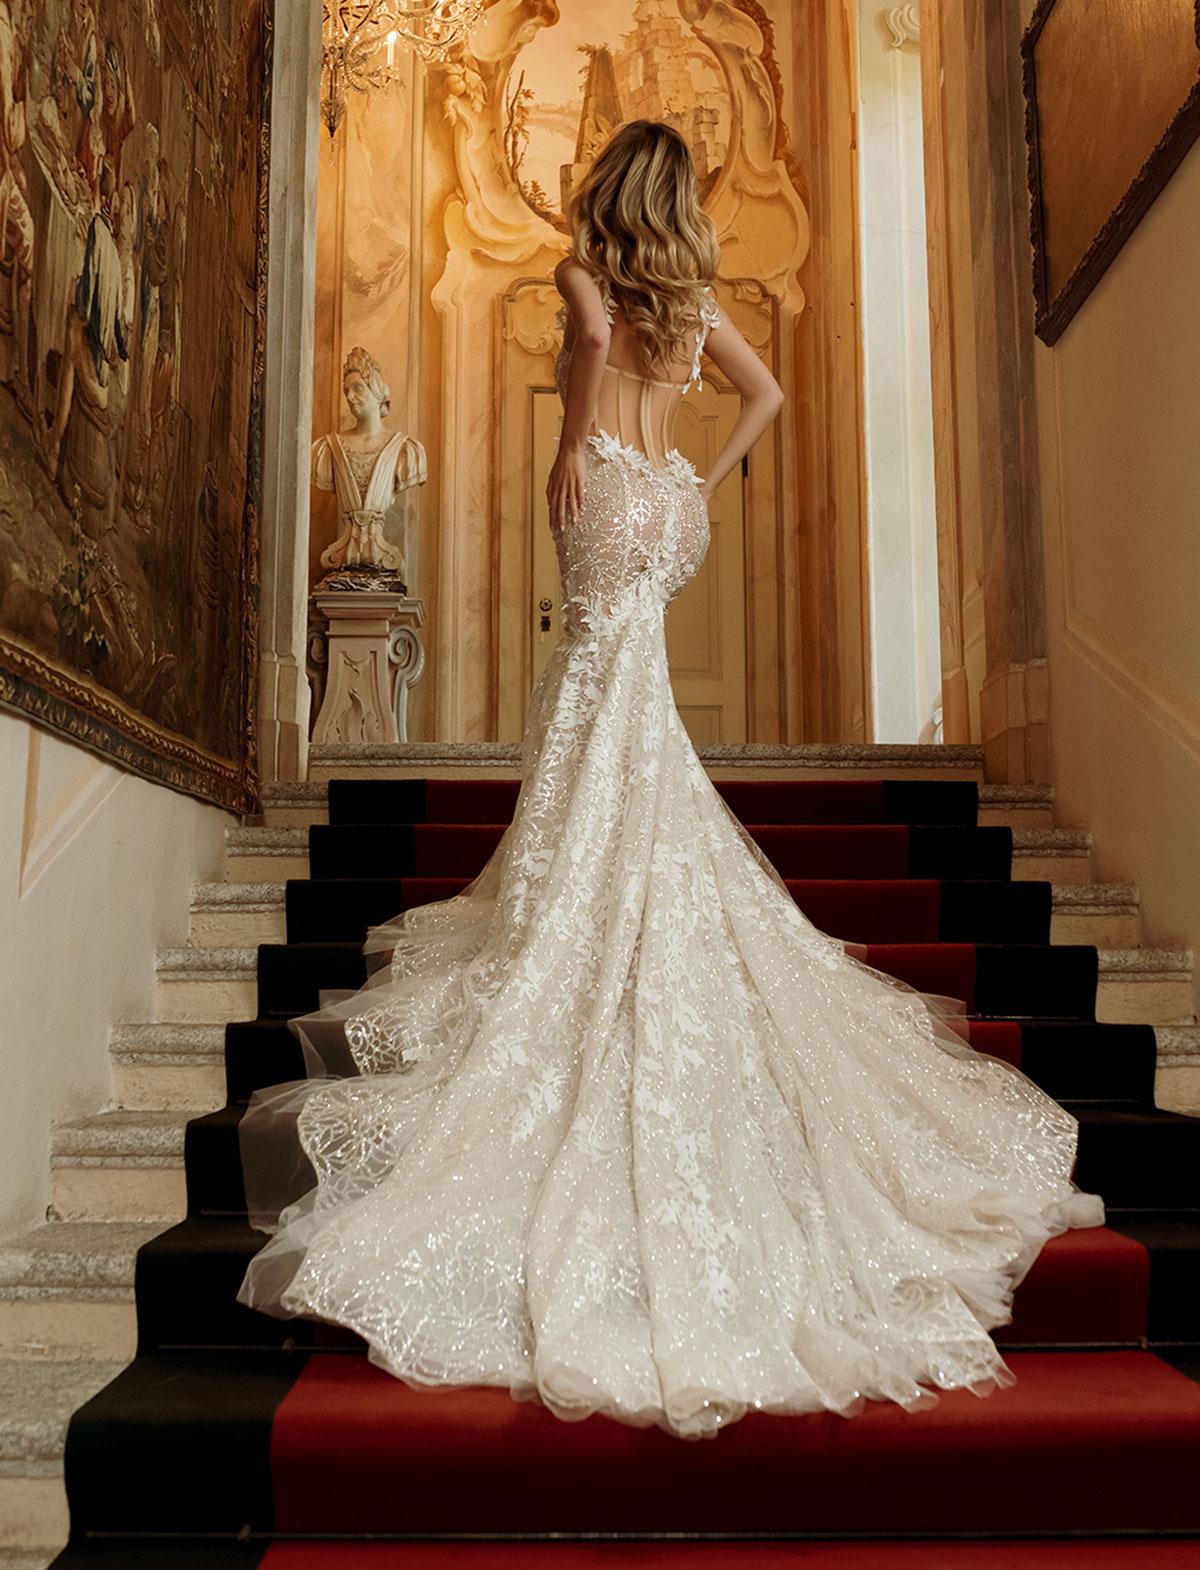 Berta Bridal 22-16 Abito Sposa